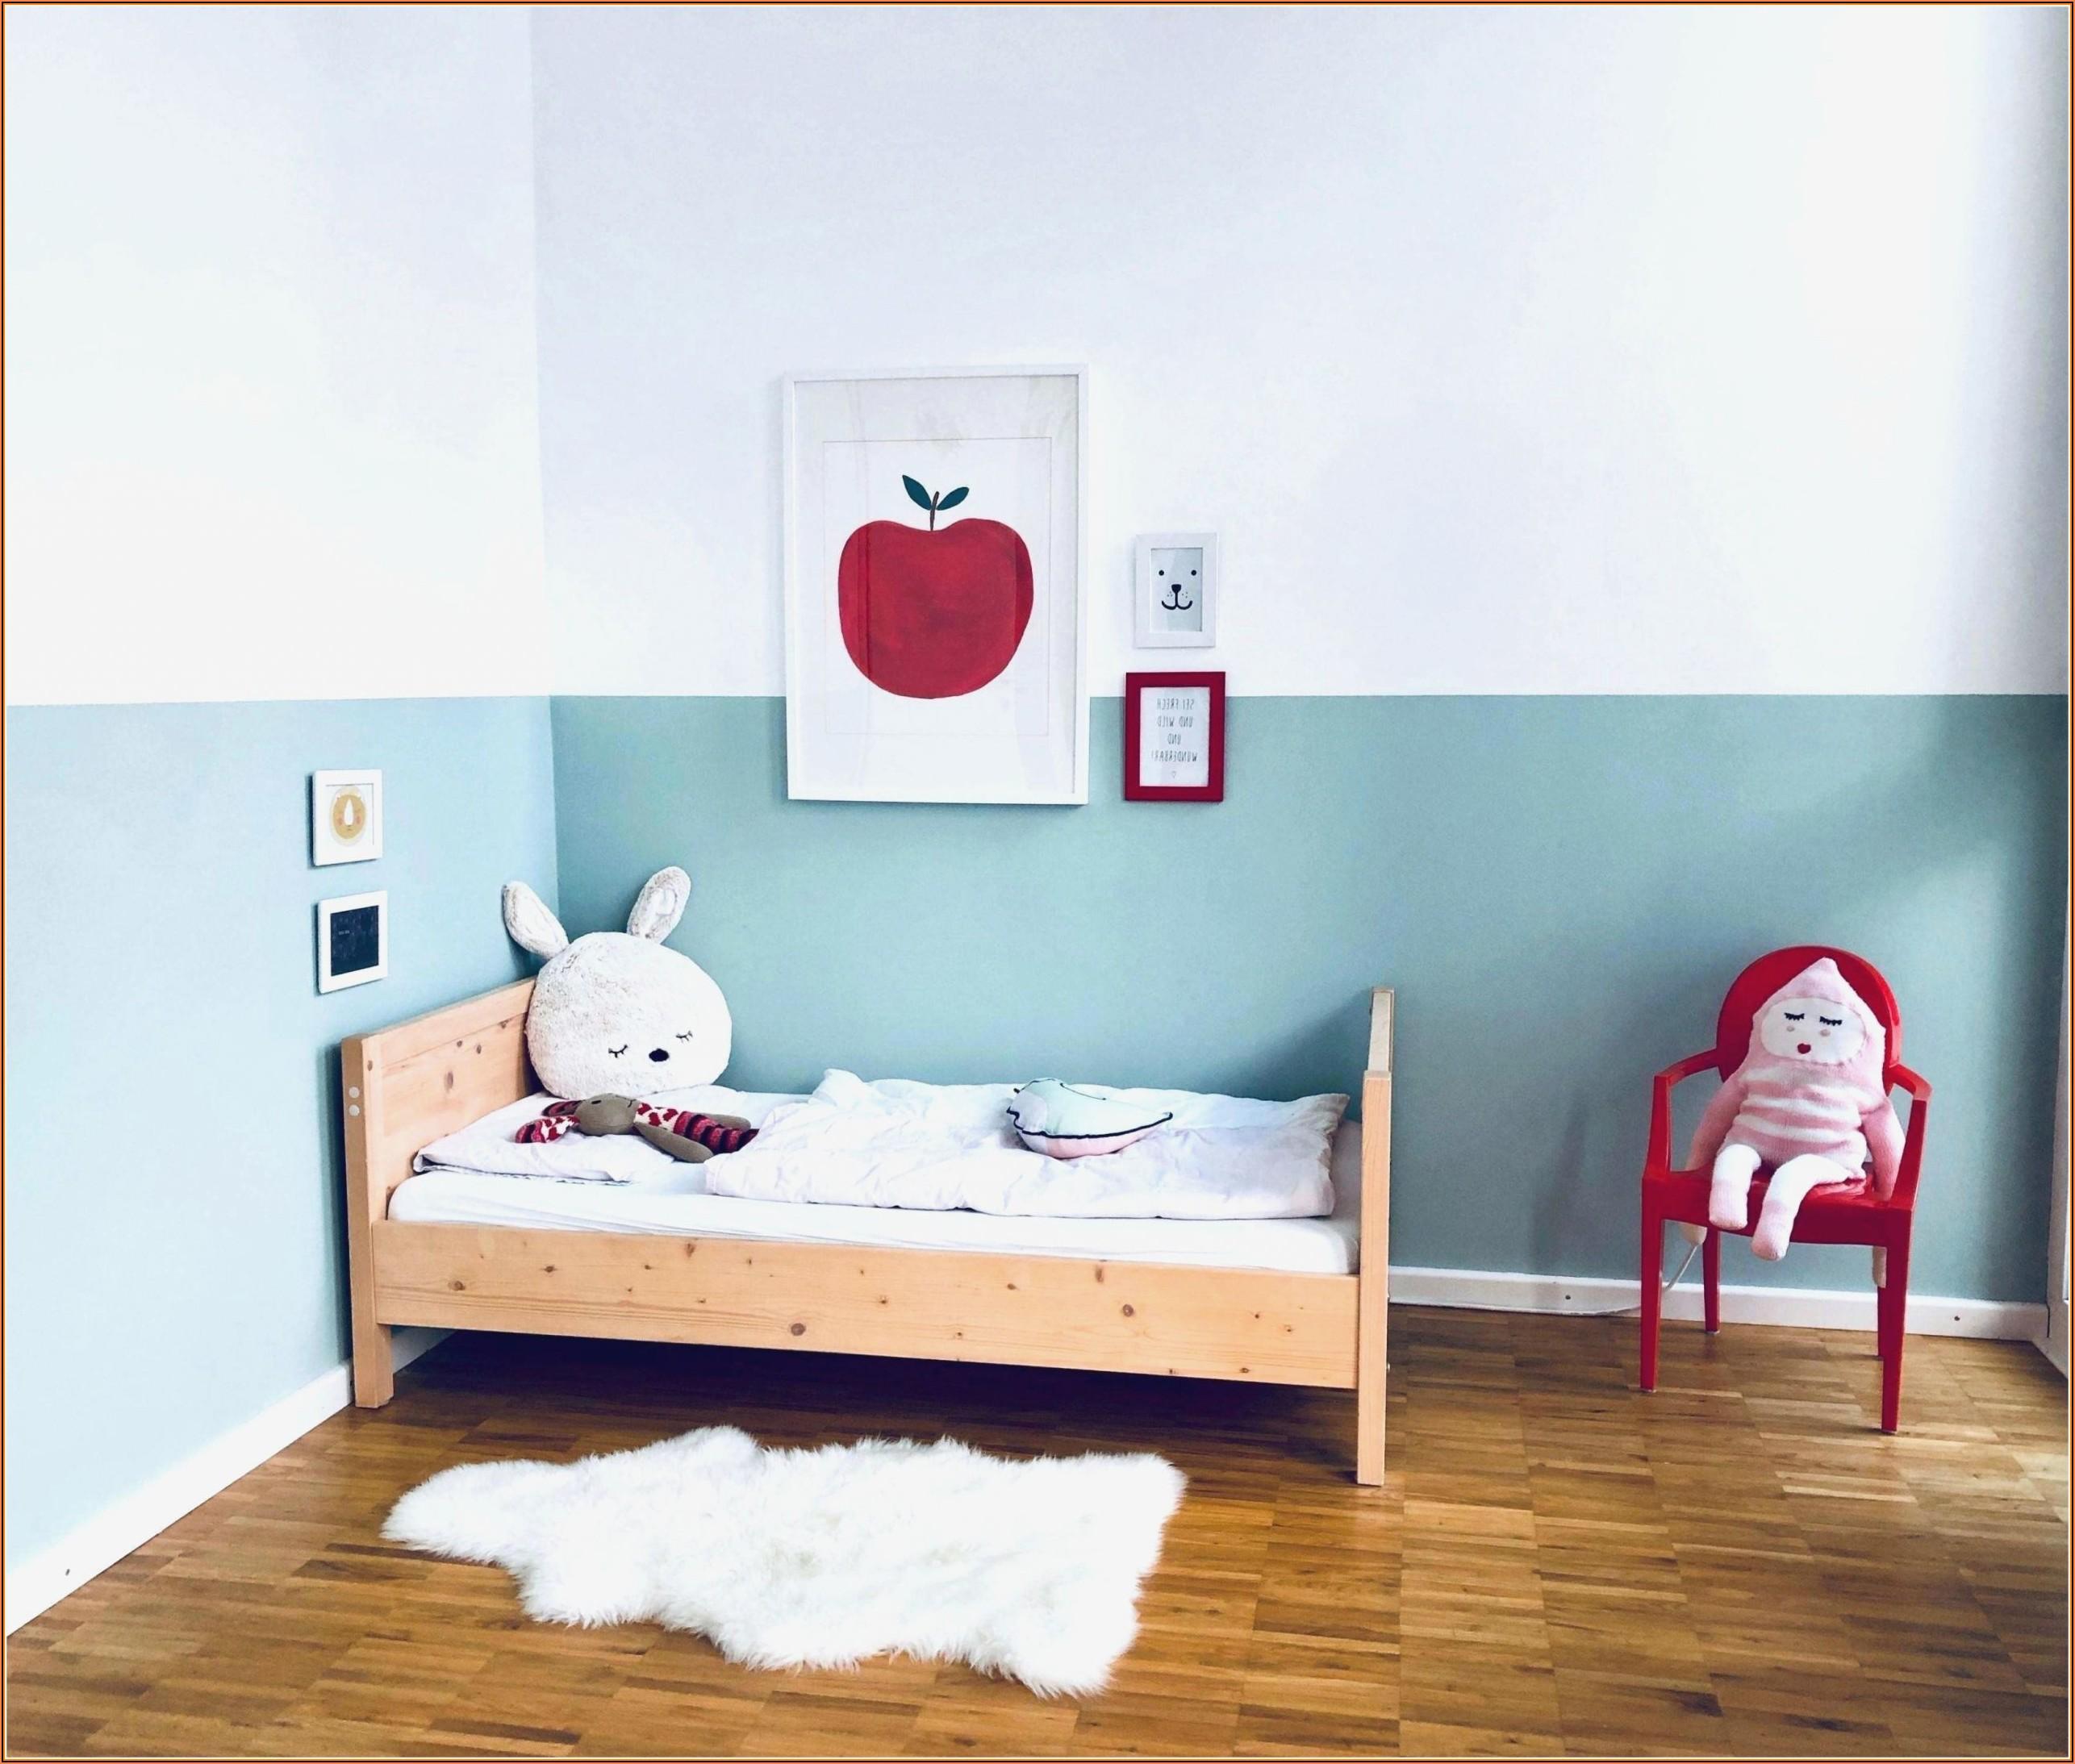 Kinderzimmer Einrichten Junge 1 Jahr